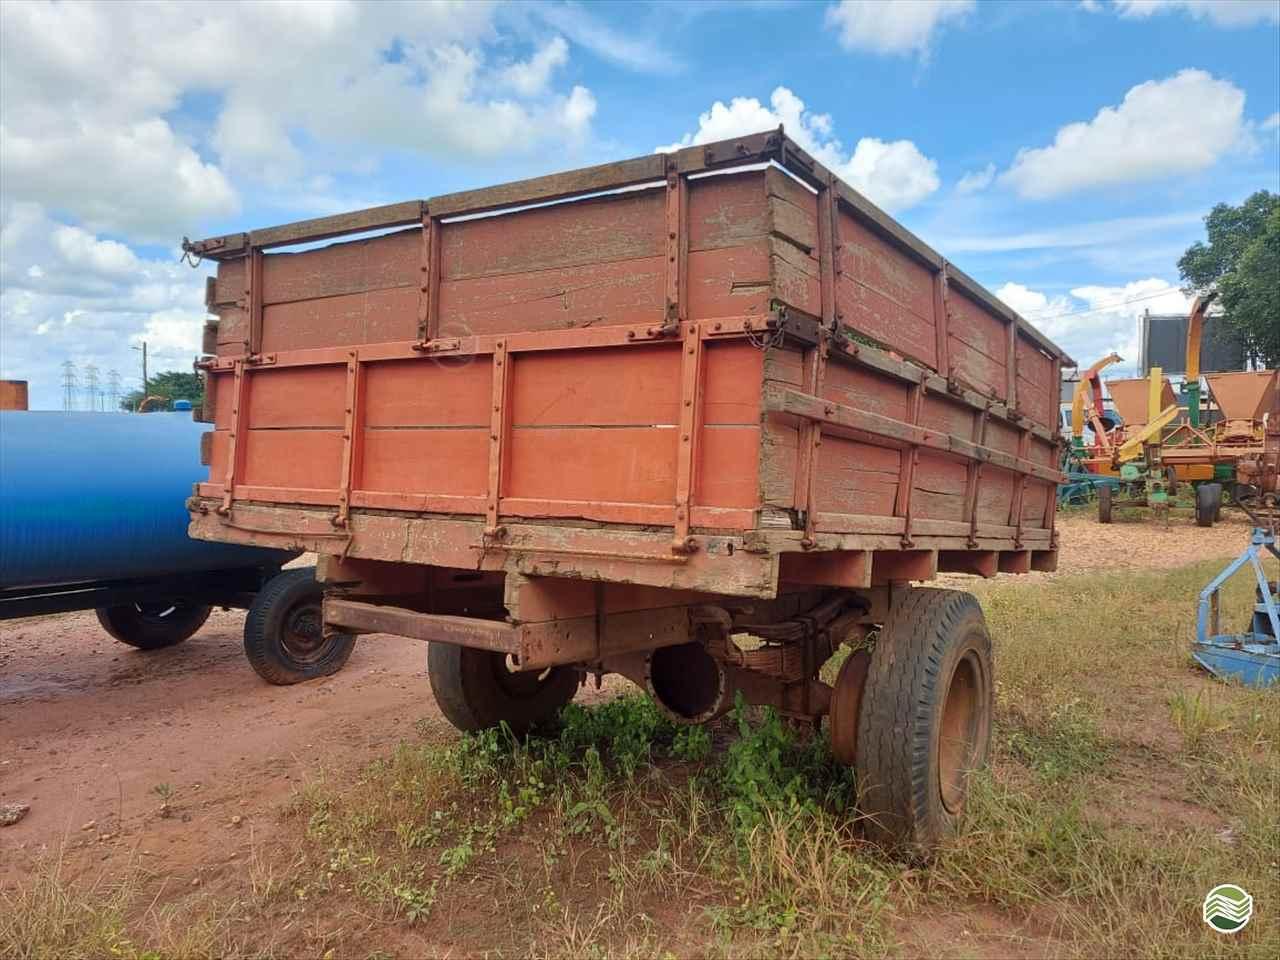 CARRETA CARROCERIA de Terra Santa Implementos Agrícolas - BEBEDOURO/SP